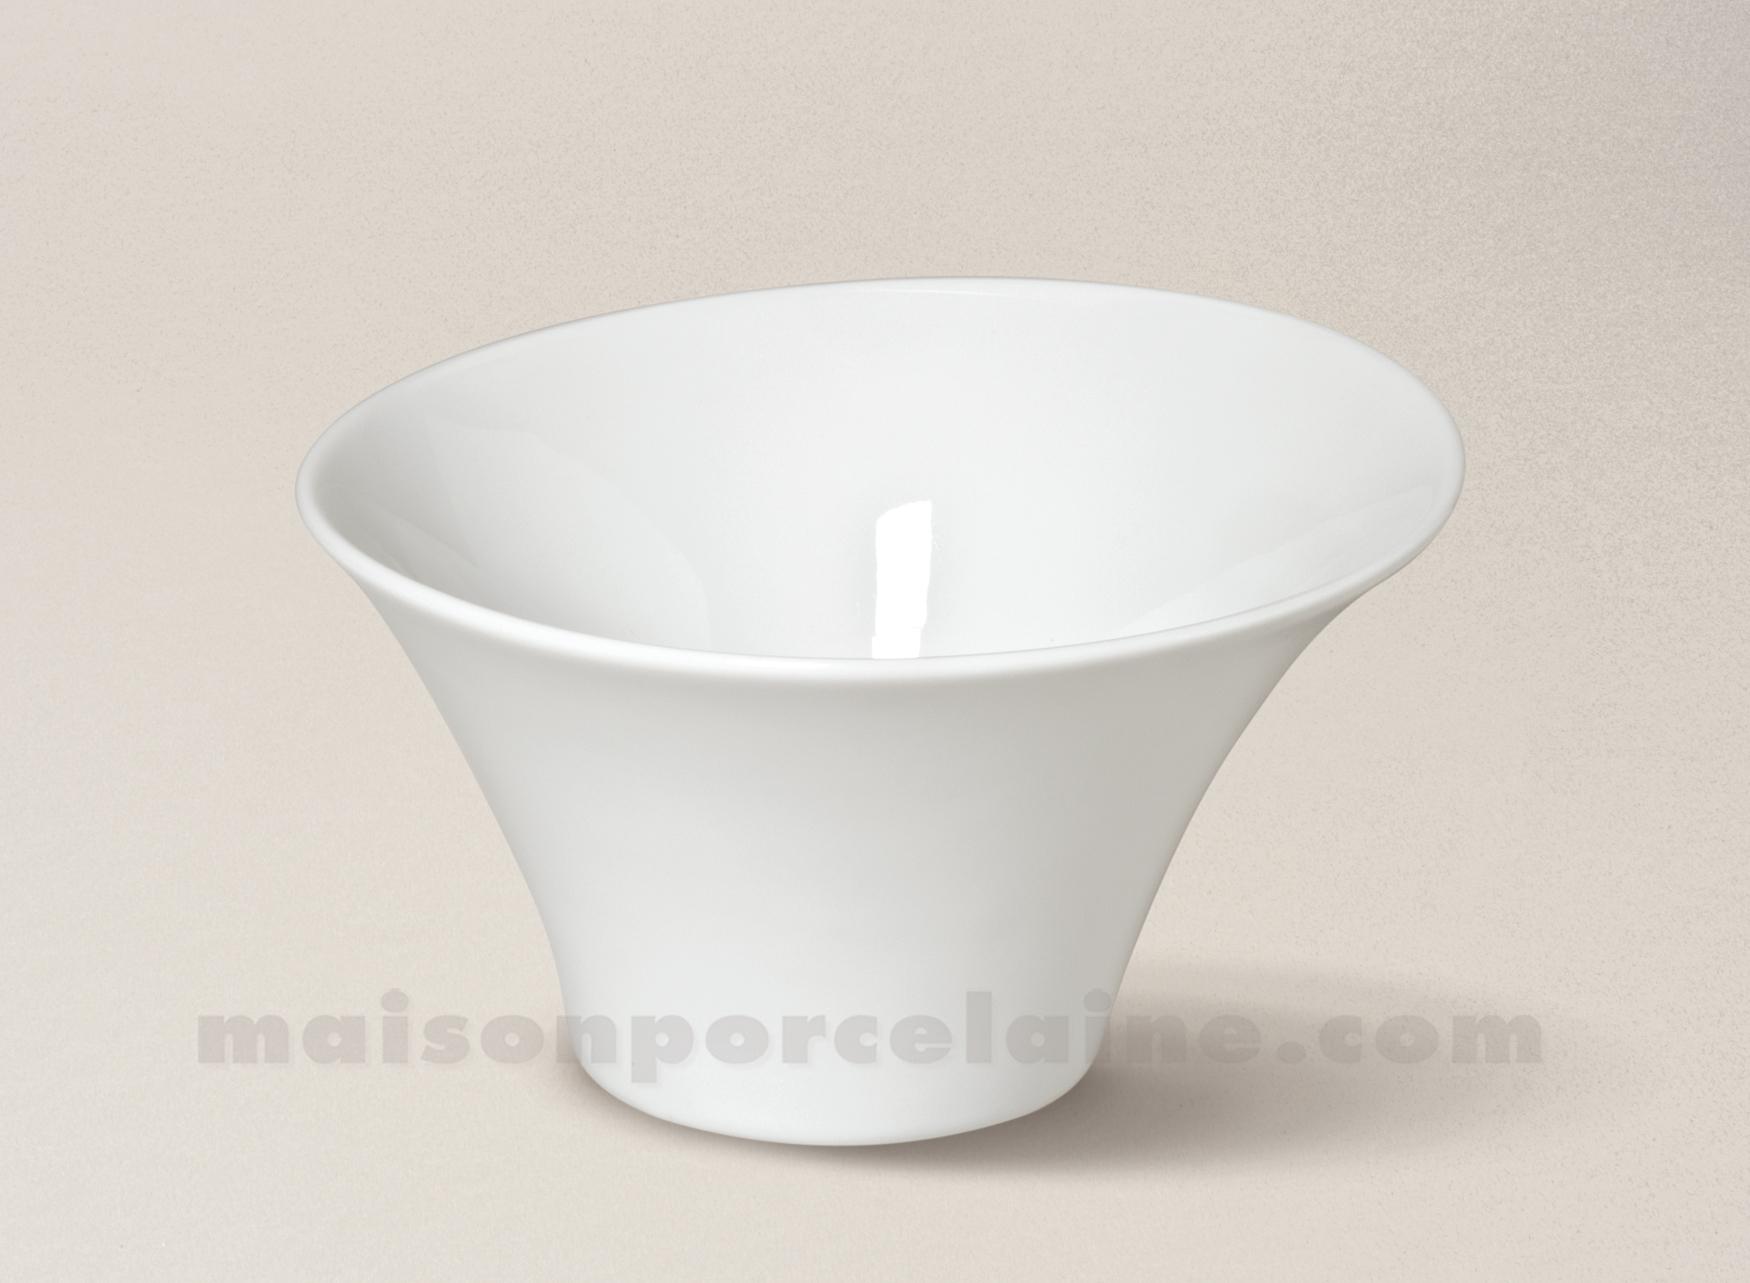 coupelle porcelaine blanche kosmos 14x8 36cl maison de la porcelaine. Black Bedroom Furniture Sets. Home Design Ideas